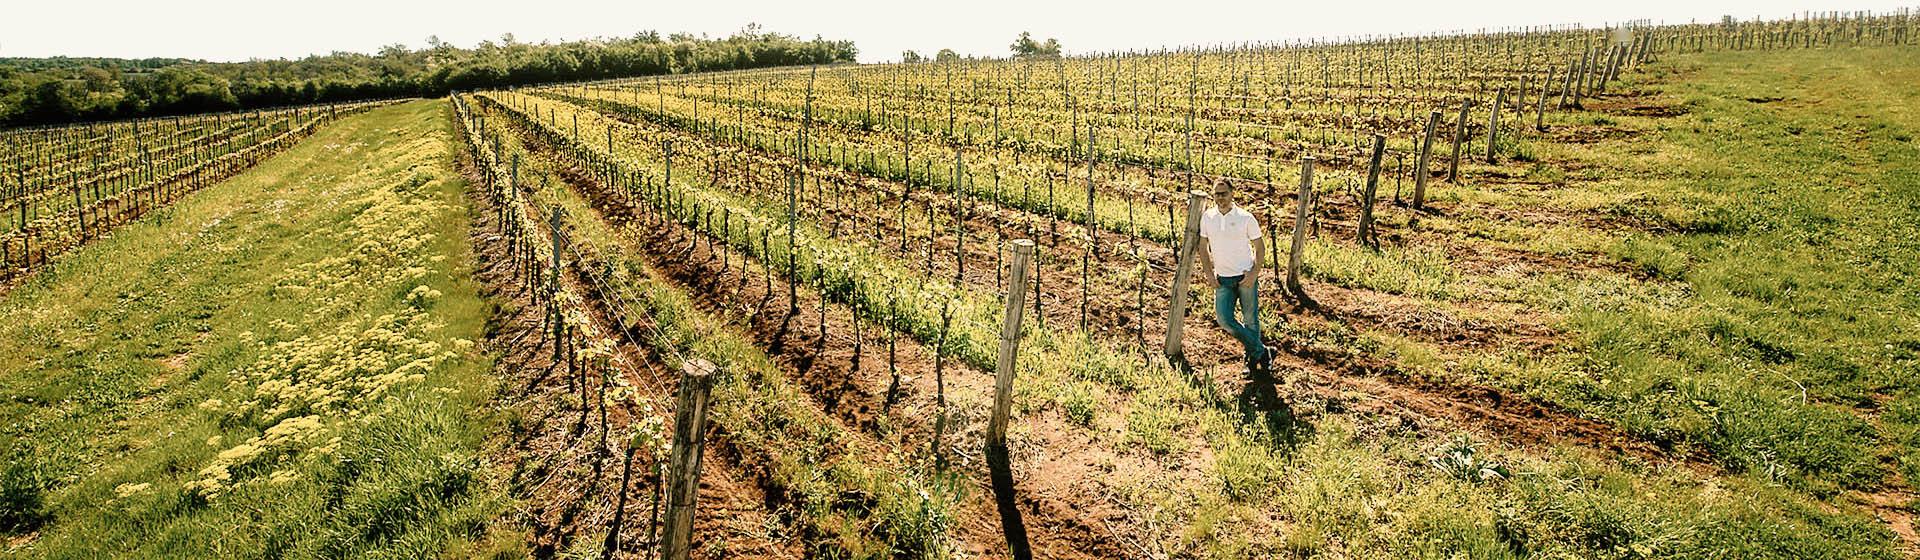 vrhunsko-istarsko-vino